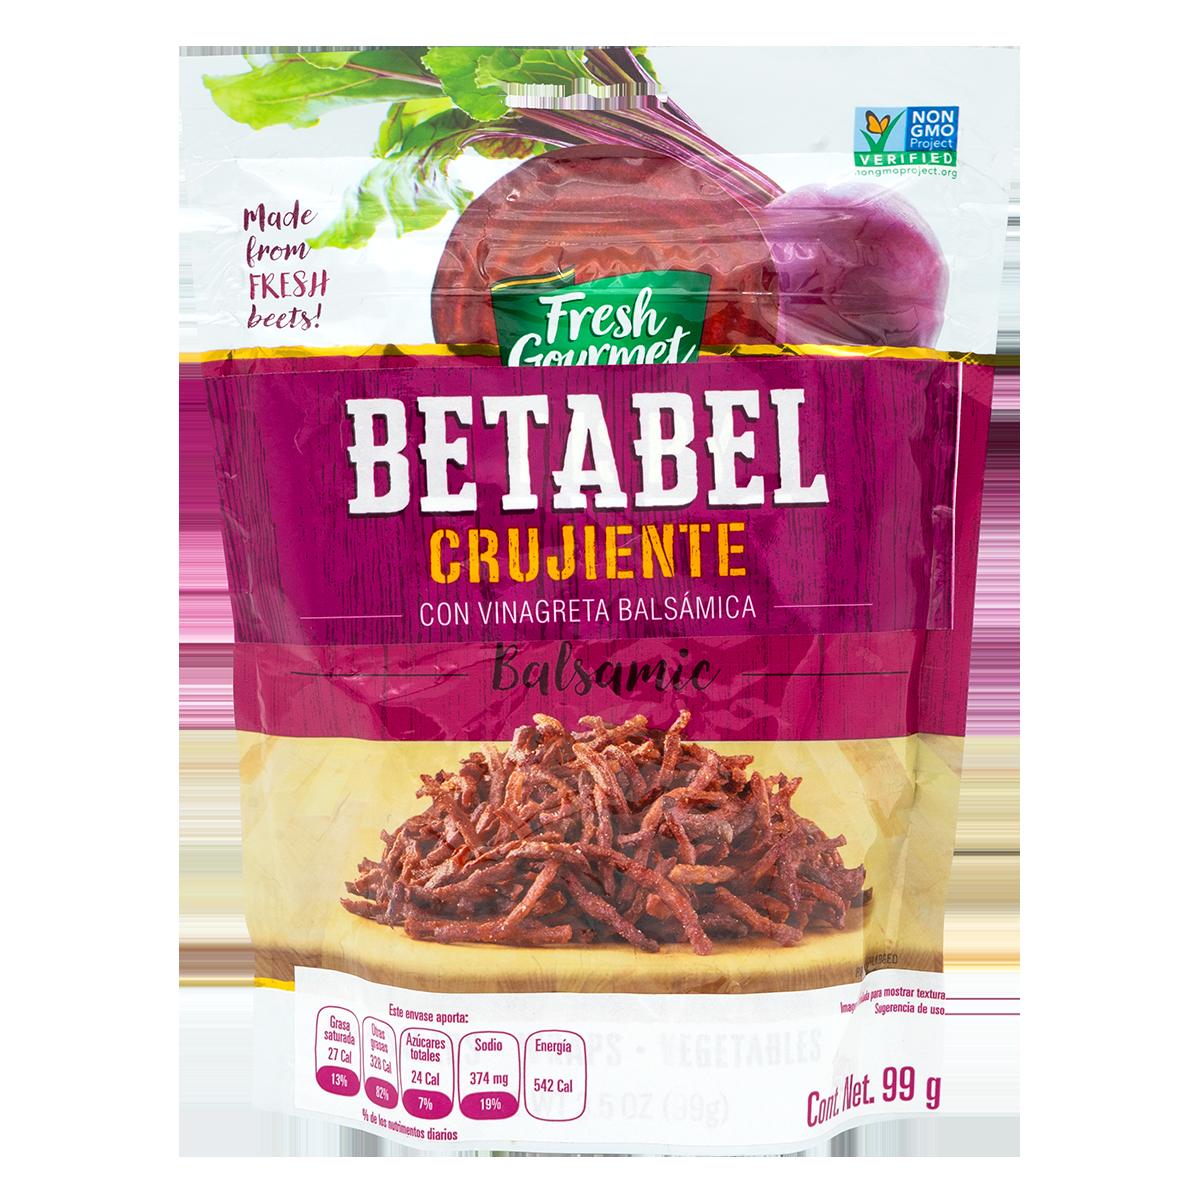 Fresh Gourmet - Betabel crujiente